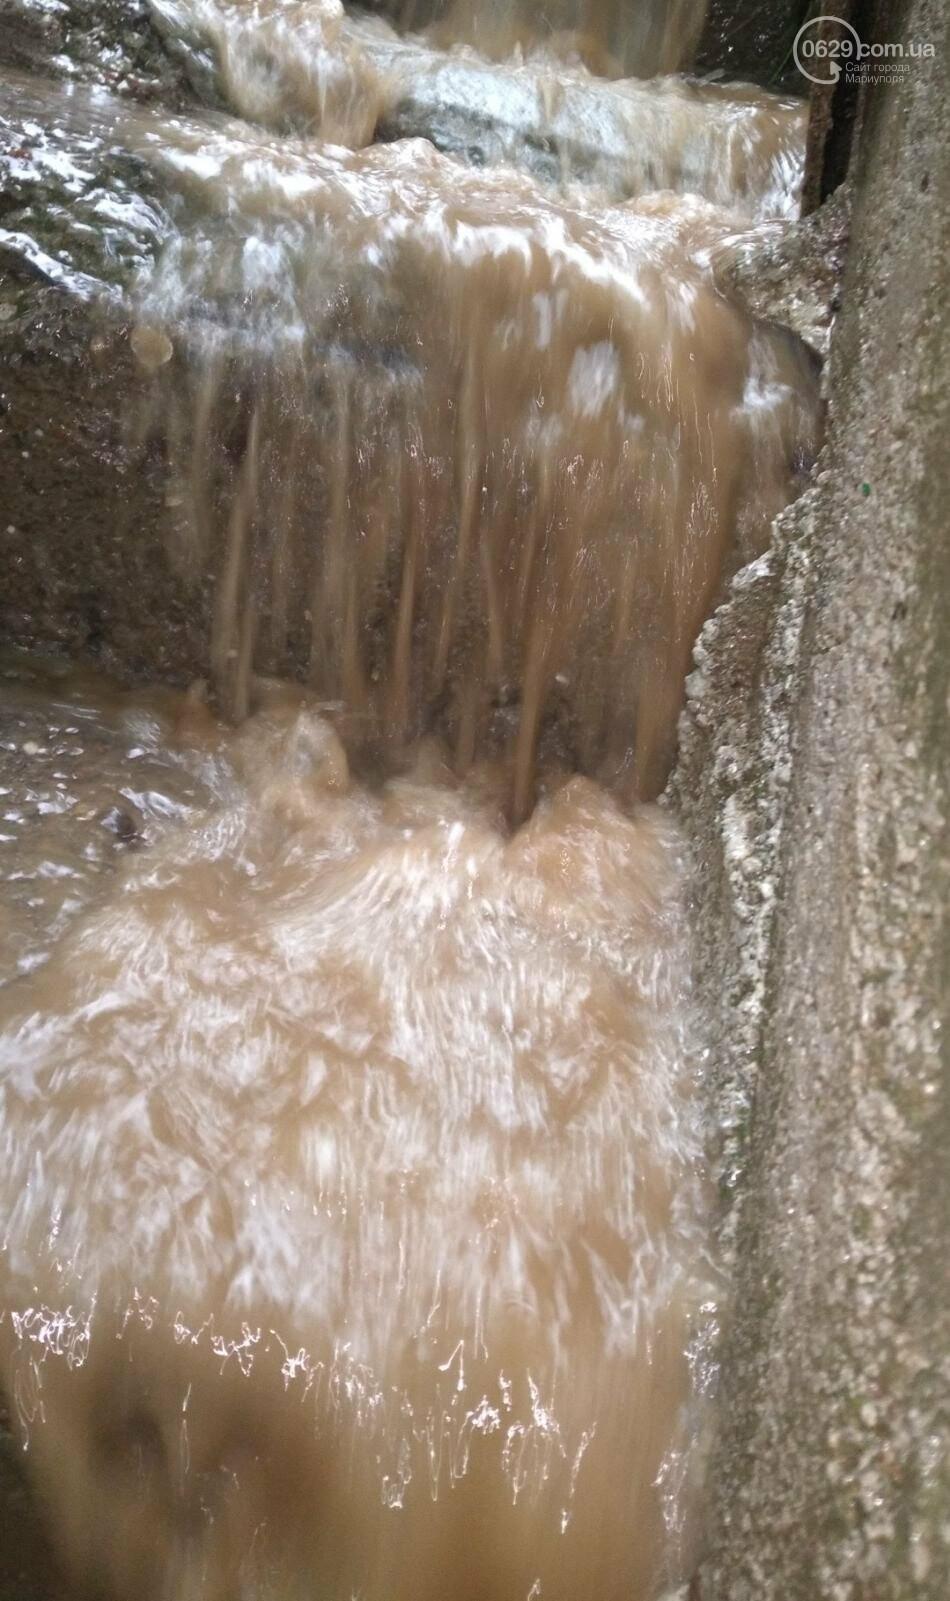 Комунальне лихо. Десятки будинків у Маріуполі затопило водою, - ВІДЕО, фото-2